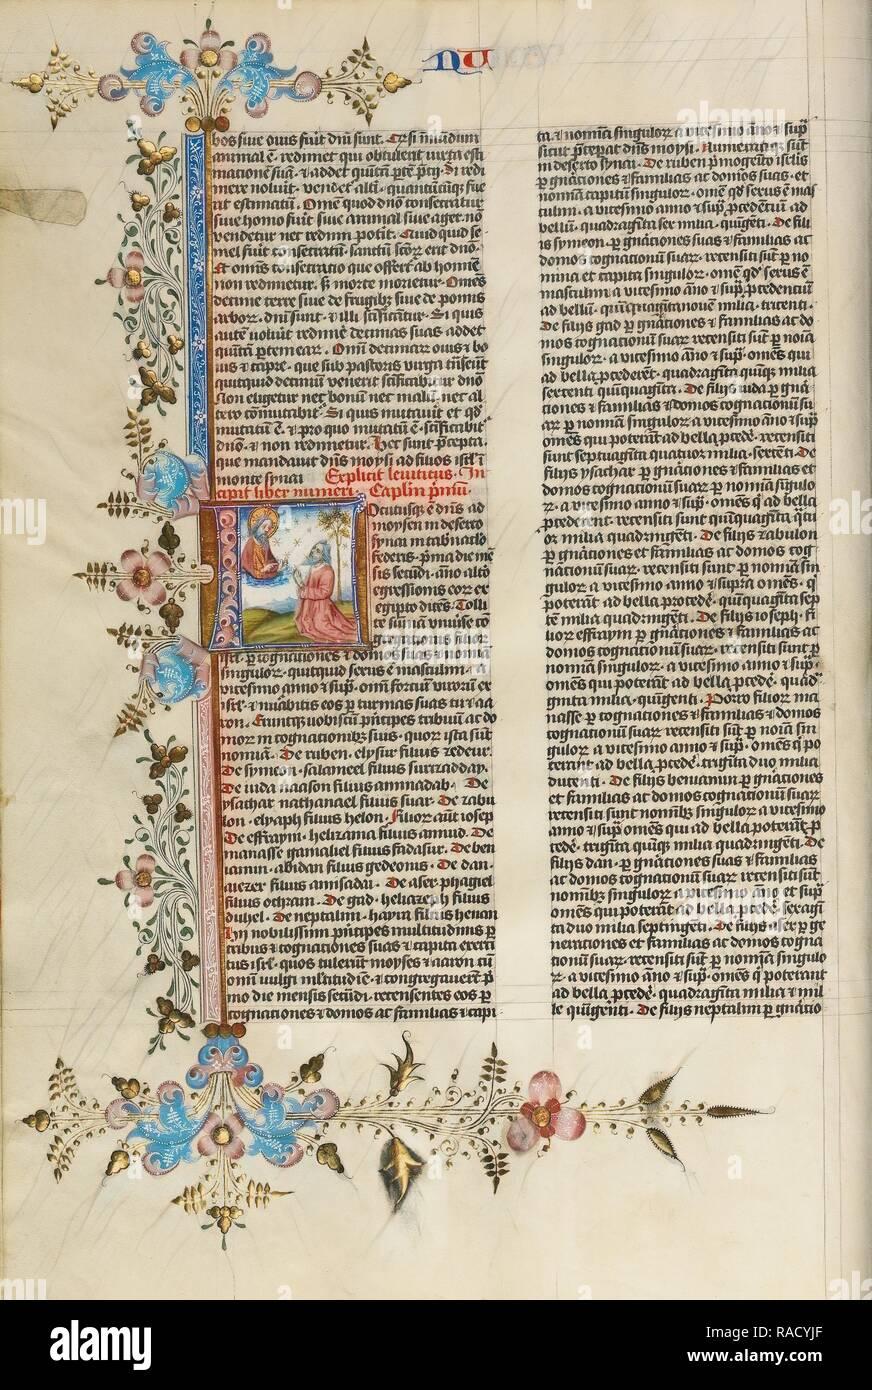 L initiale: Dieu parlant à Moïse, cercle de Stefan Lochner (allemand, est mort 1451), Cologne, Allemagne, 1450, l'or repensé Photo Stock